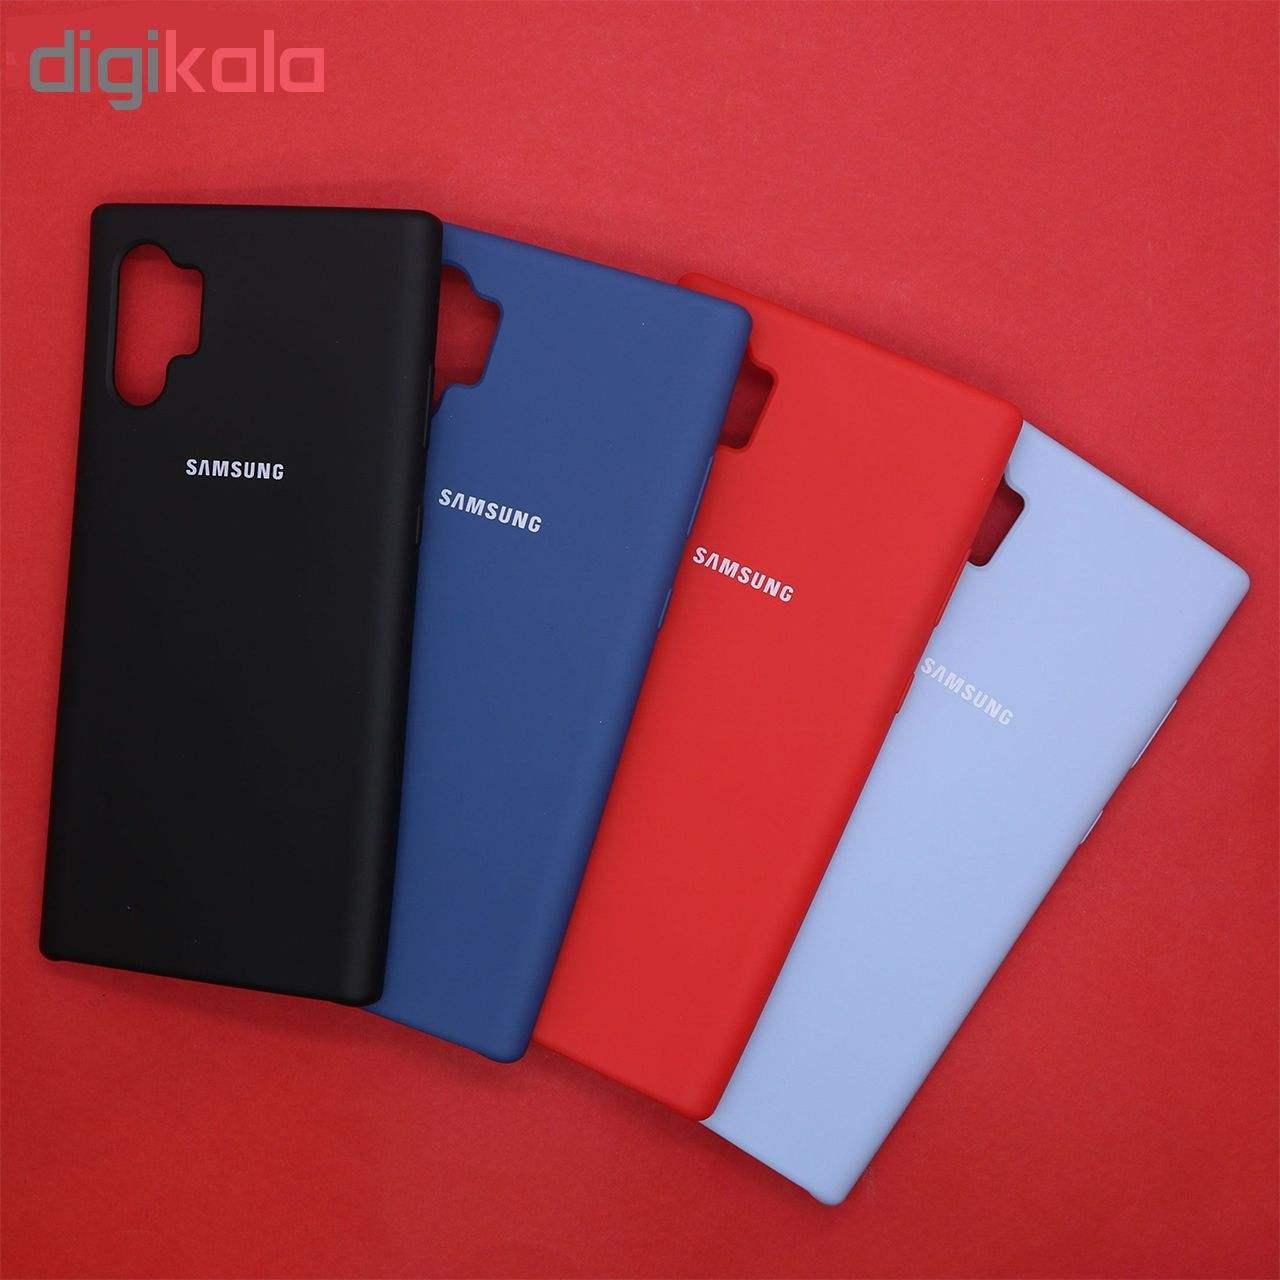 کاور مدل Sc-001 مناسب برای گوشی موبایل سامسونگ Galaxy Note 10 Plus main 1 2